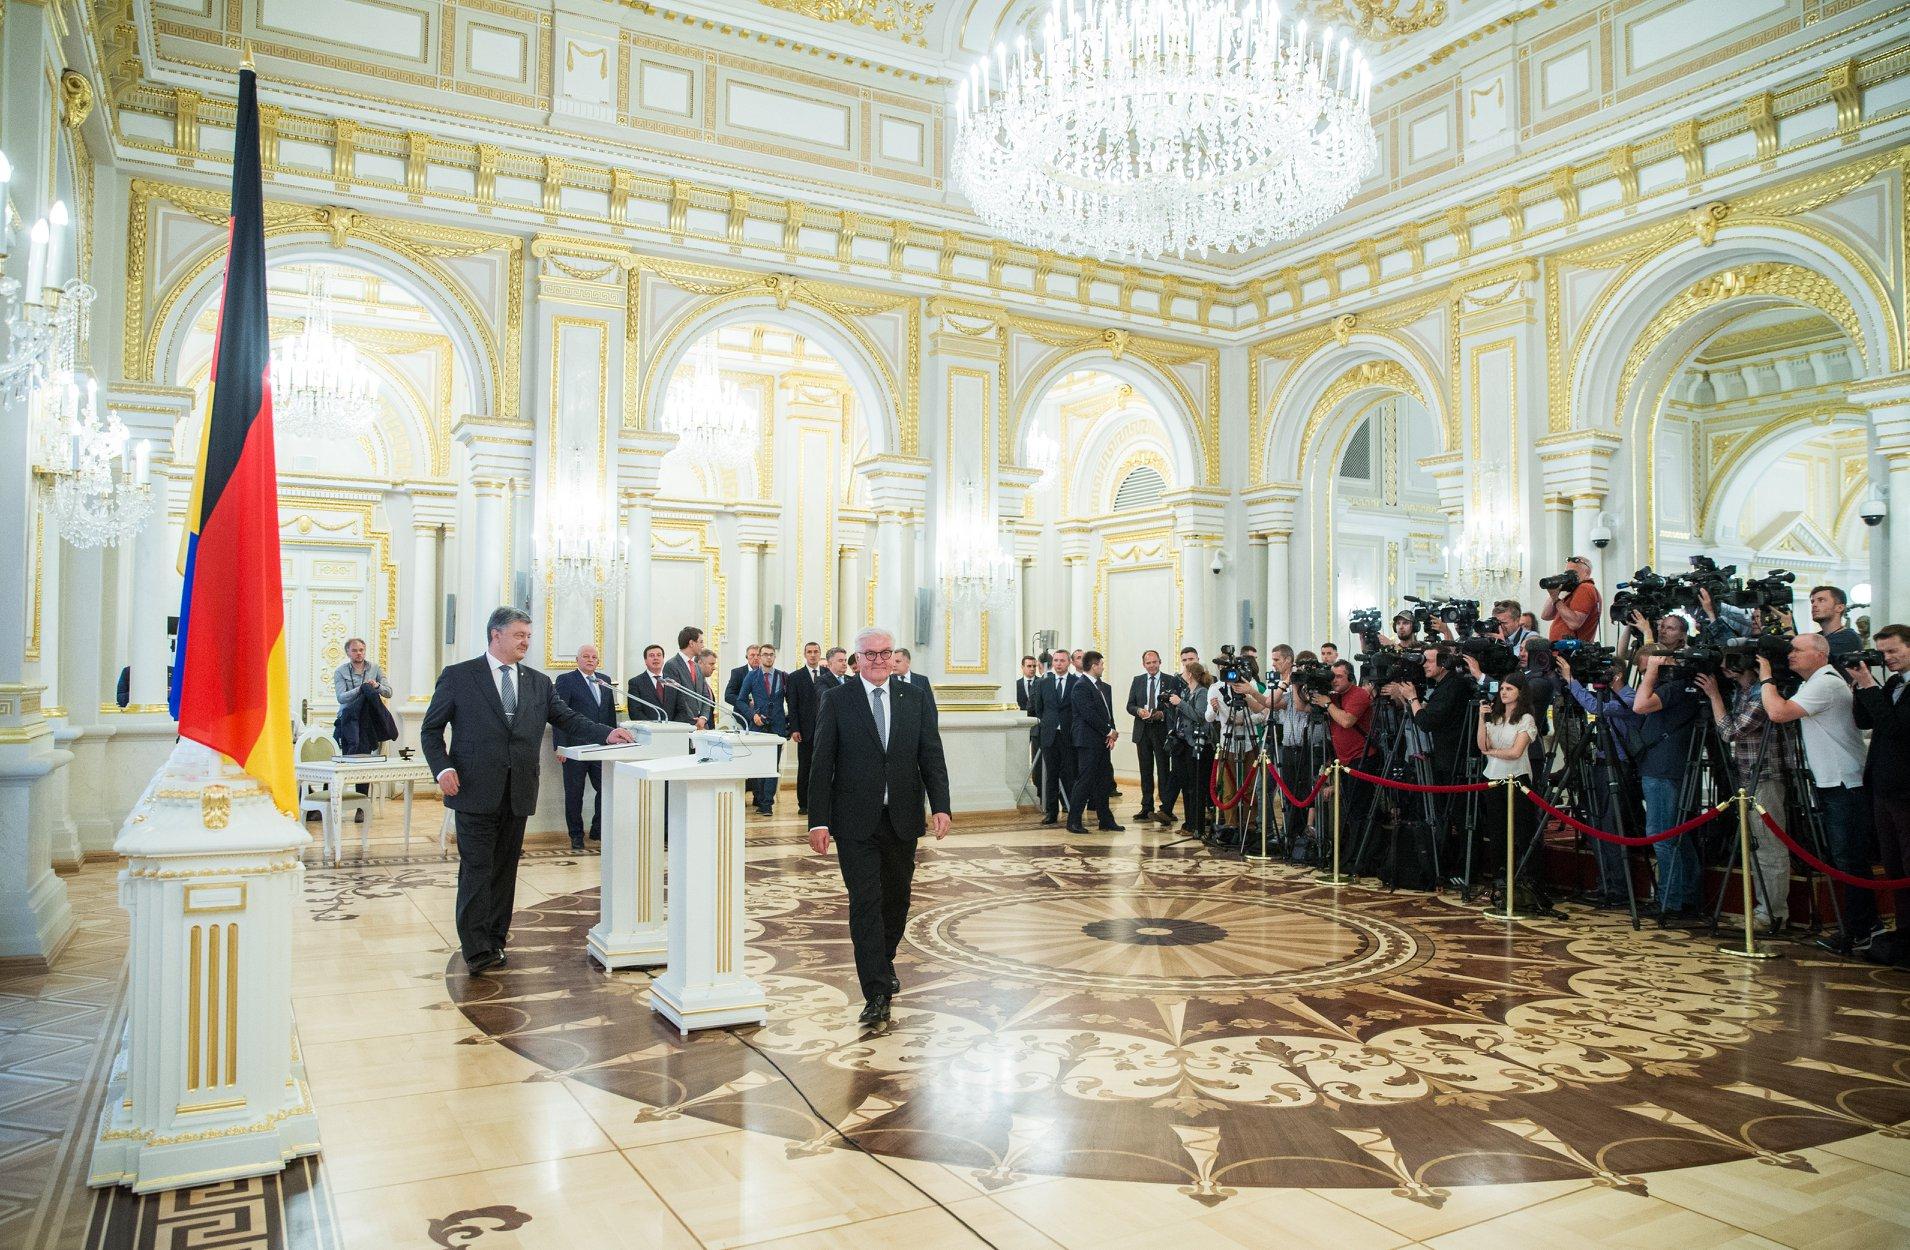 Liderul de la Kiev, Petro Poroșenko, mizează pe sprijinul omologului său german Frank-Walter Steinmeier